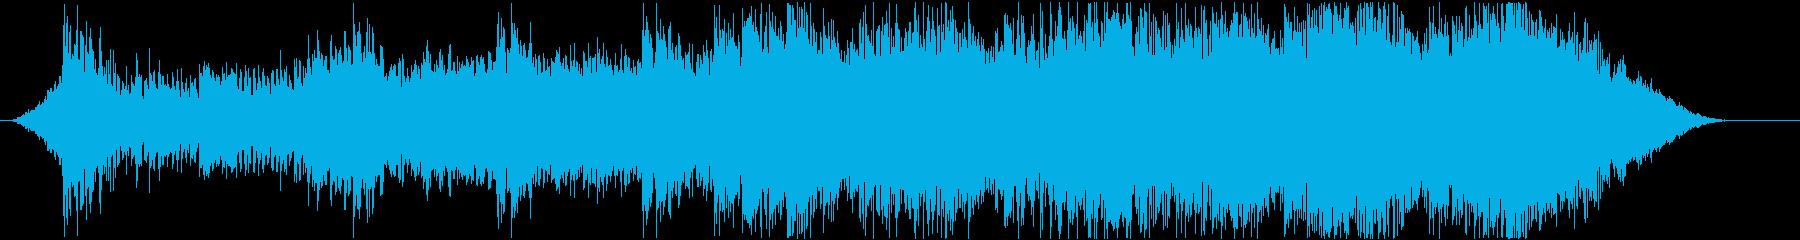 ダークで緊張感ある近未来エレクトリックの再生済みの波形